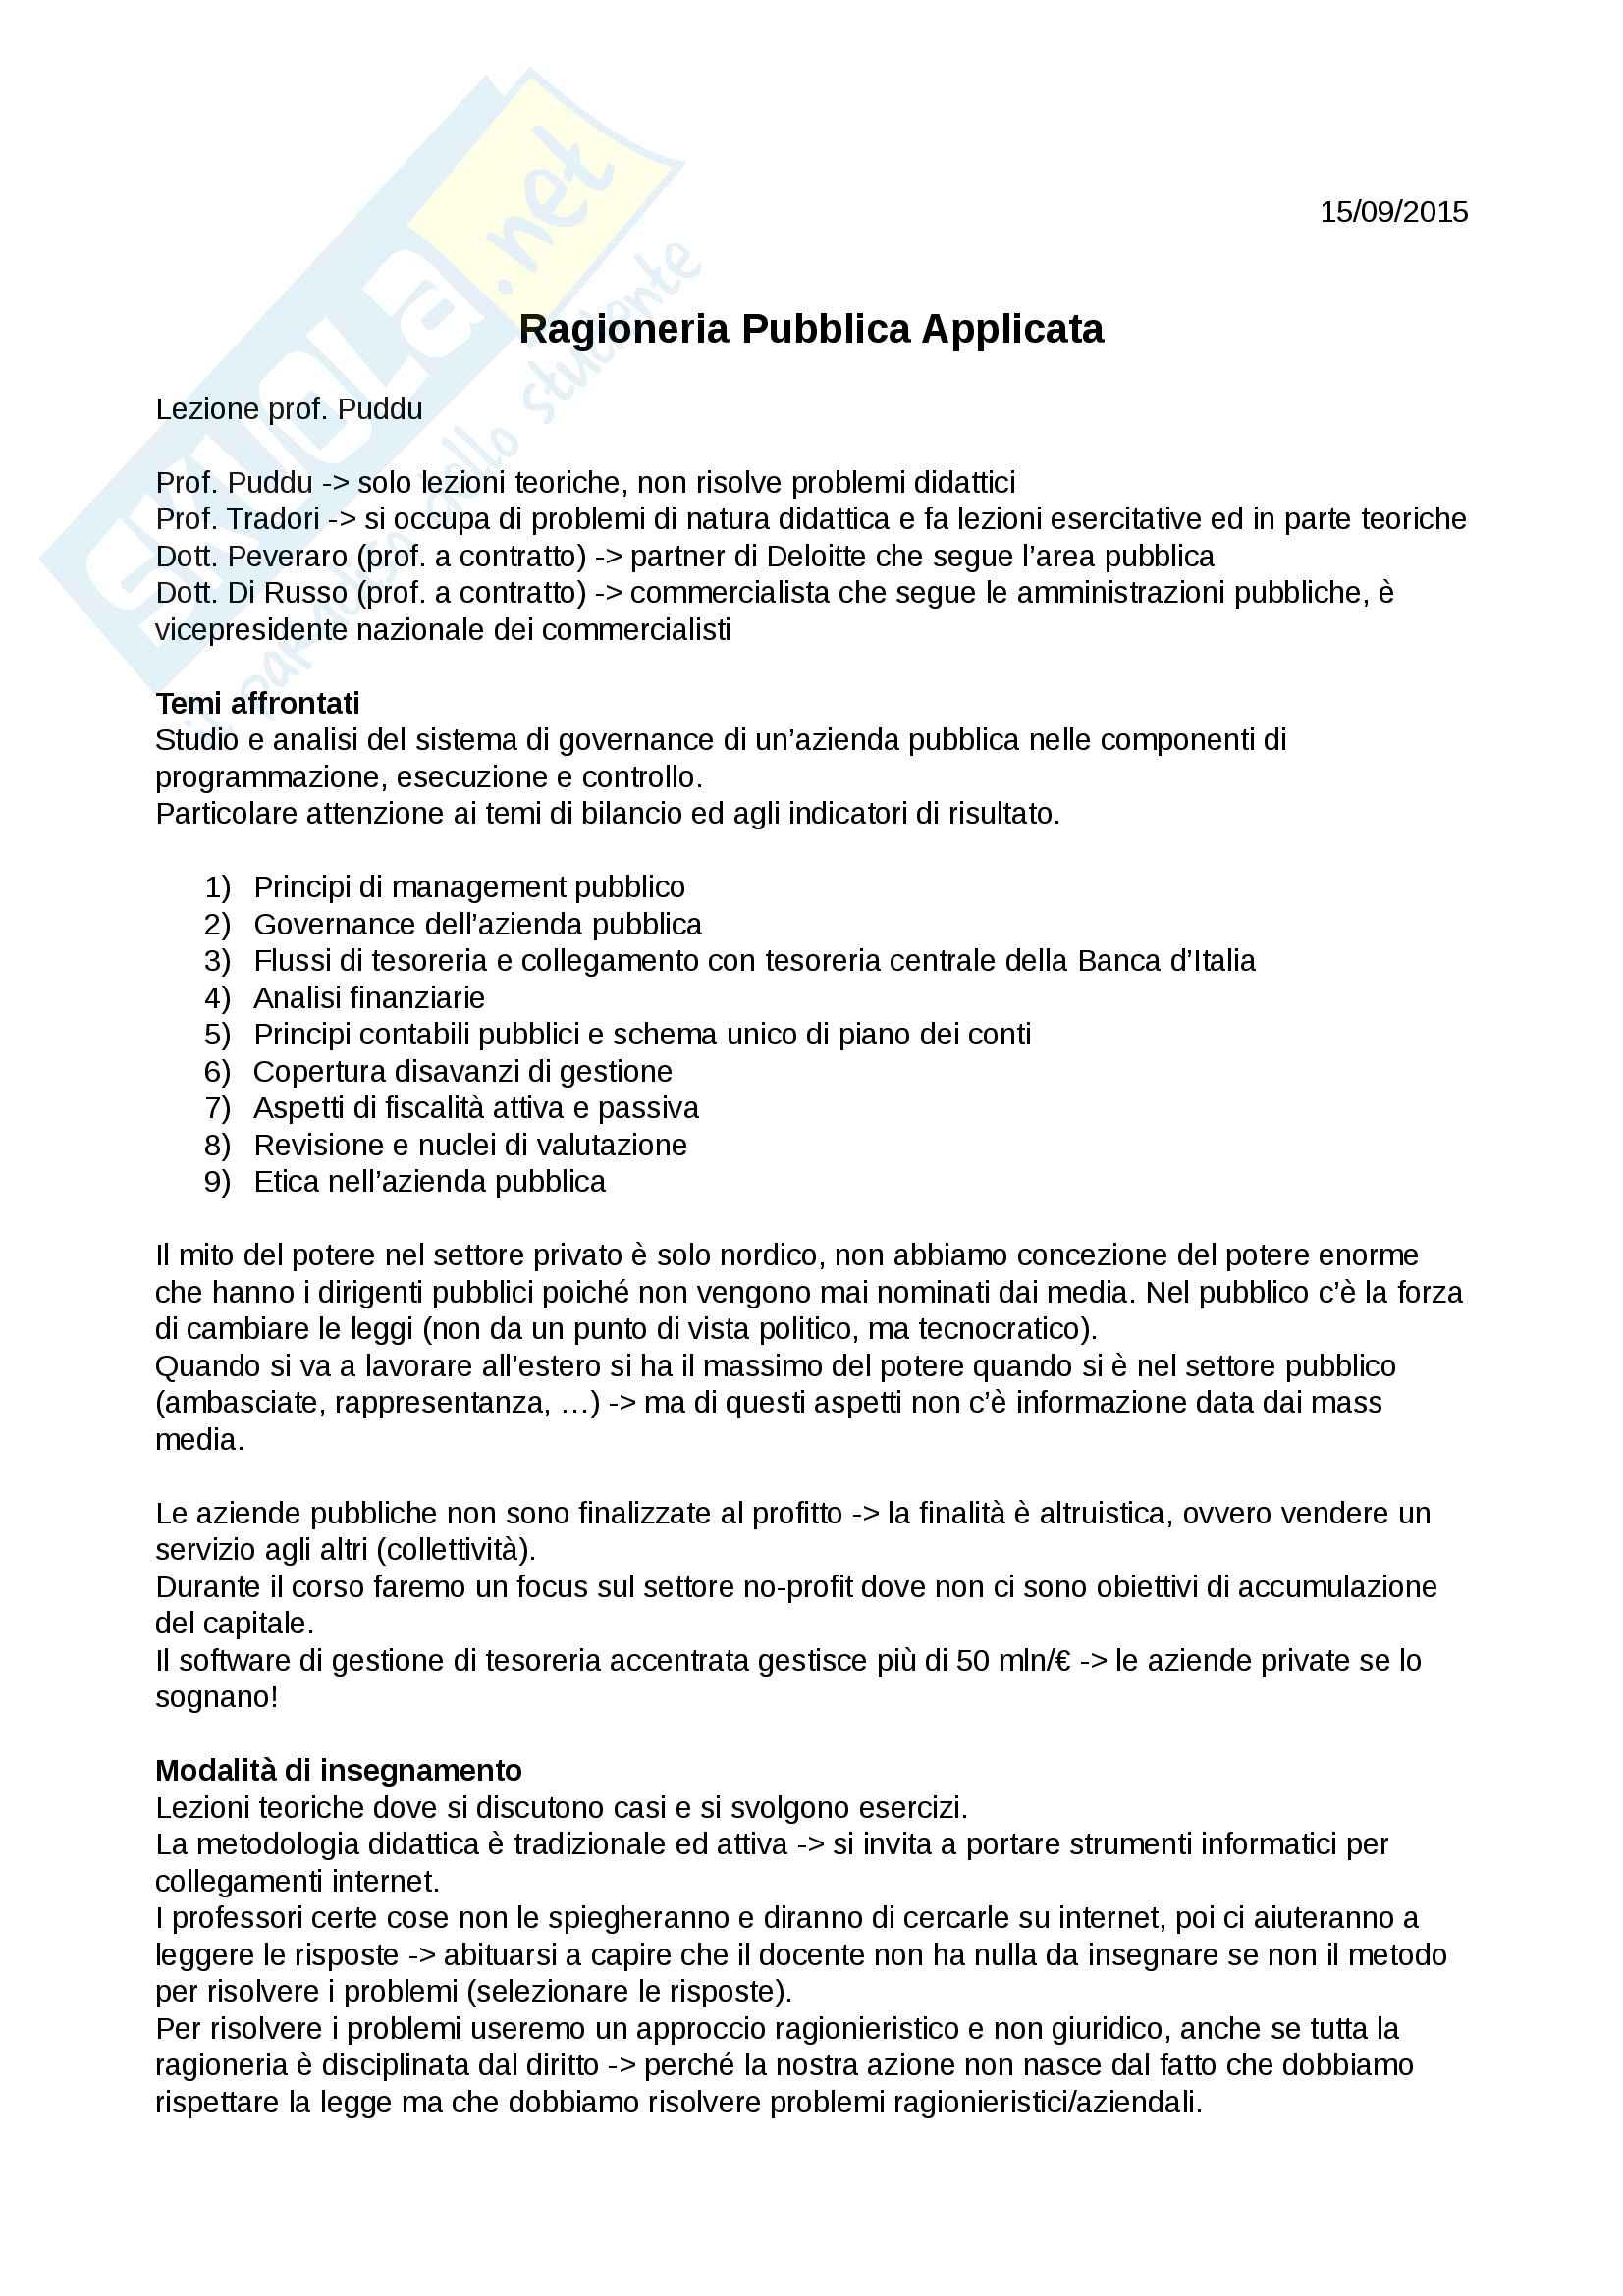 Appunti di ragioneria pubblica applicata